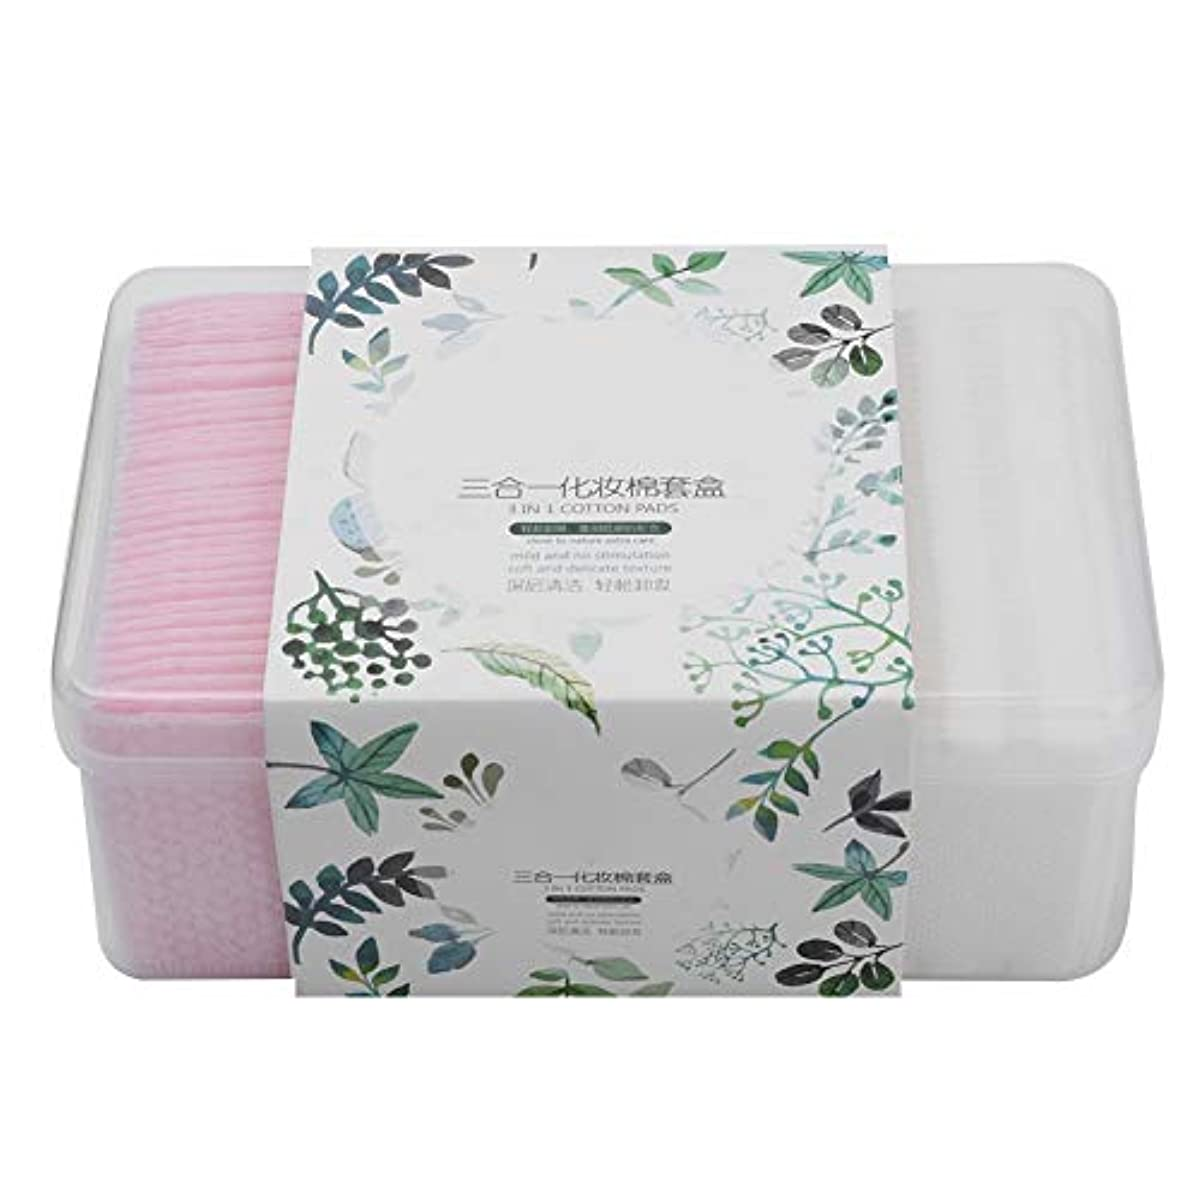 パスポート周辺デクリメント280Pcs /箱の構造の綿パッド、スキンケアの構造の除去剤のための顔の清潔になる綿および他の事は拭きます